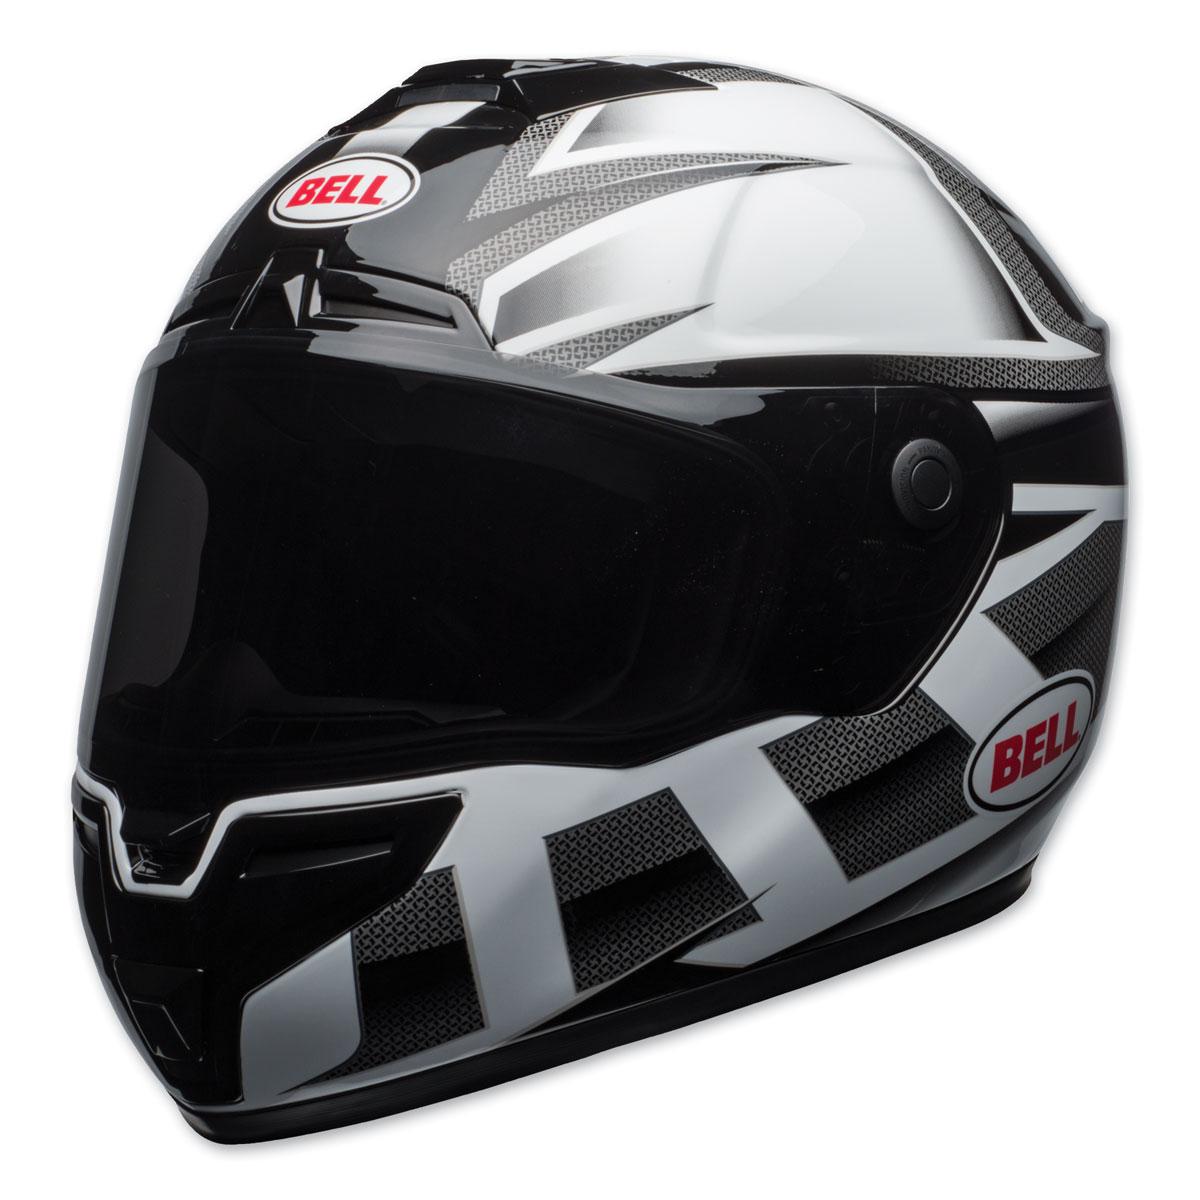 Bell SRT Predator Gloss White/Black Full Face Helmet